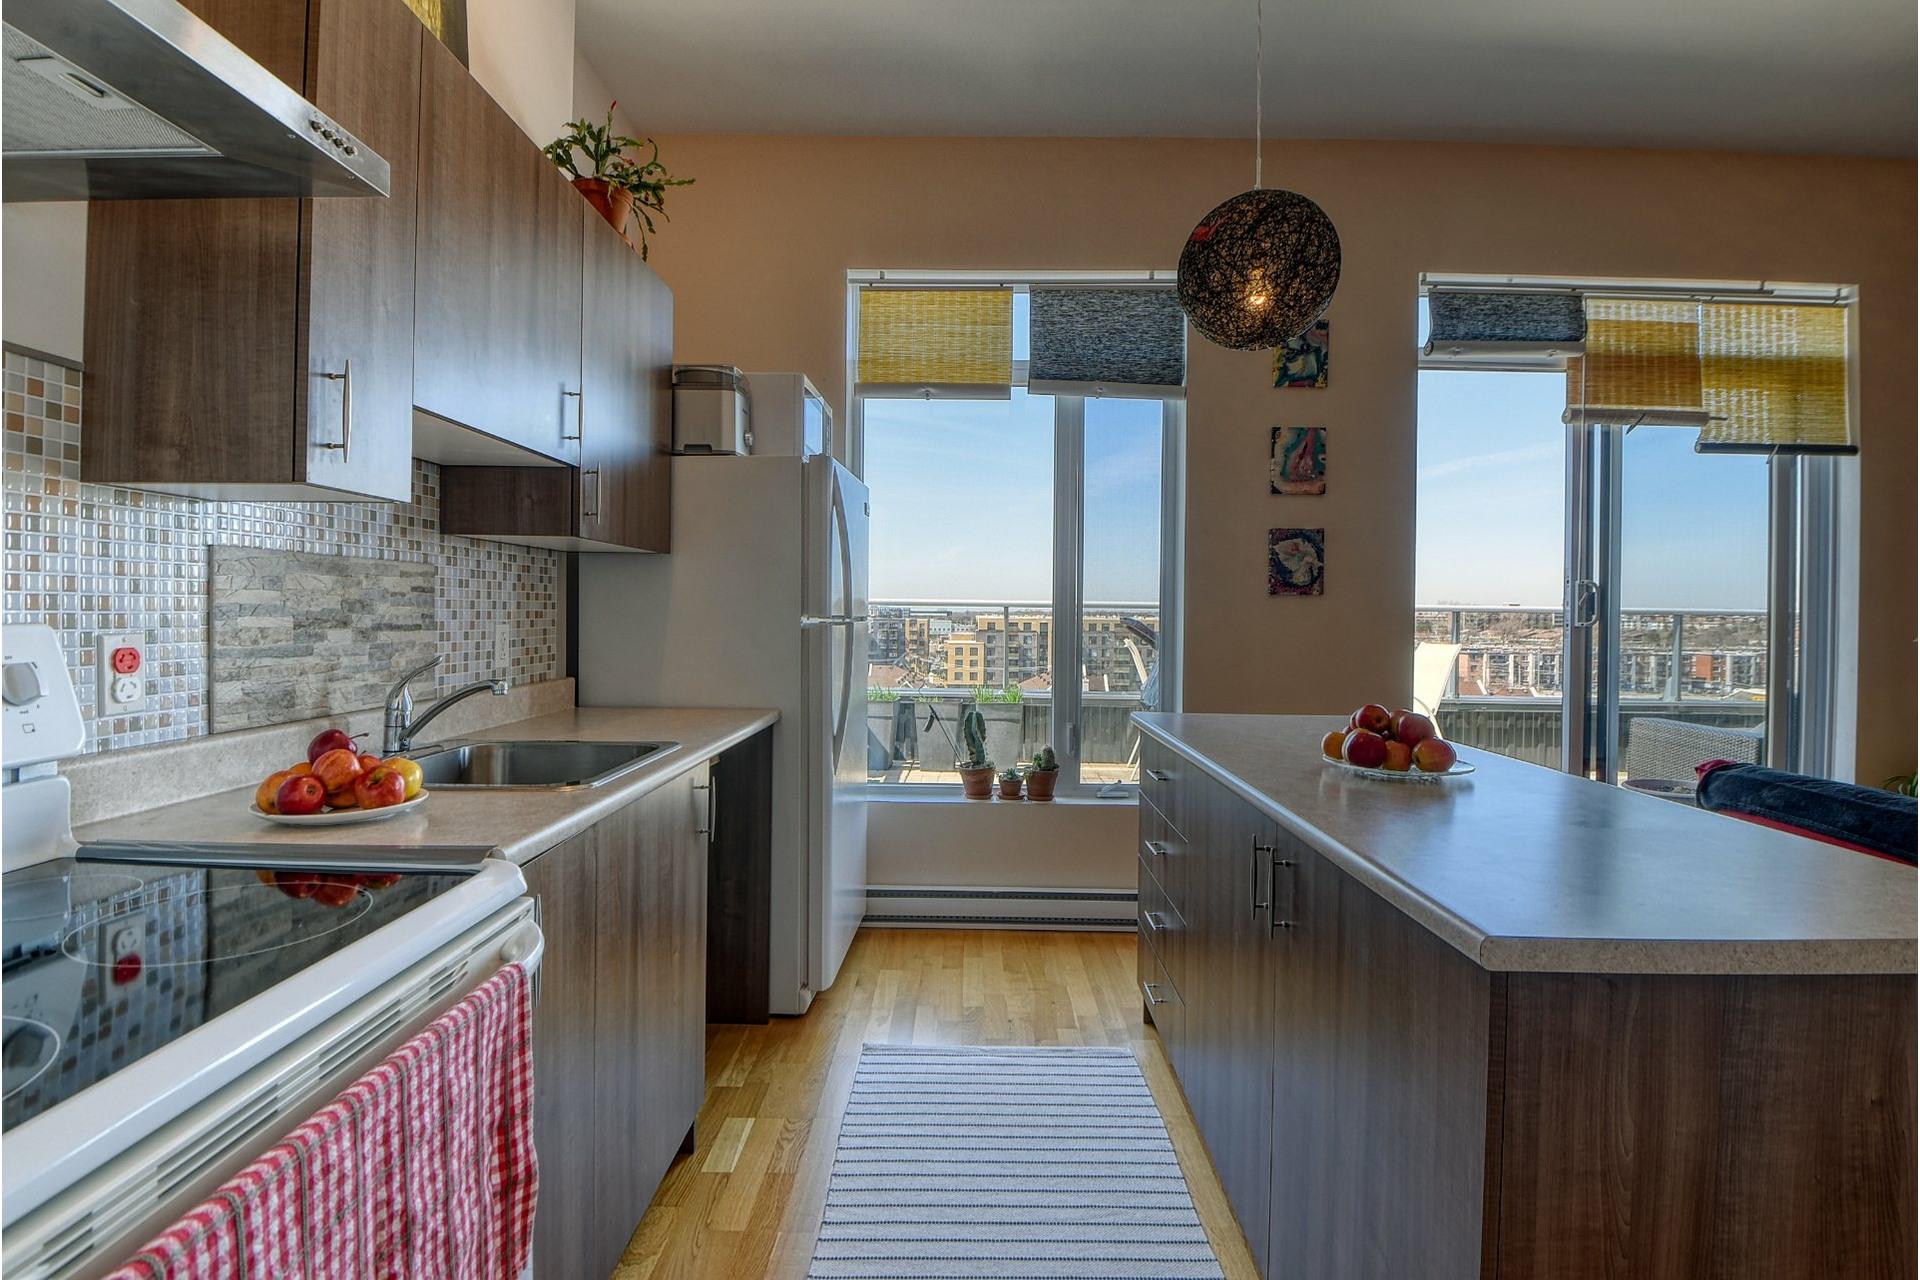 image 7 - Appartement À vendre Lachine Montréal  - 6 pièces